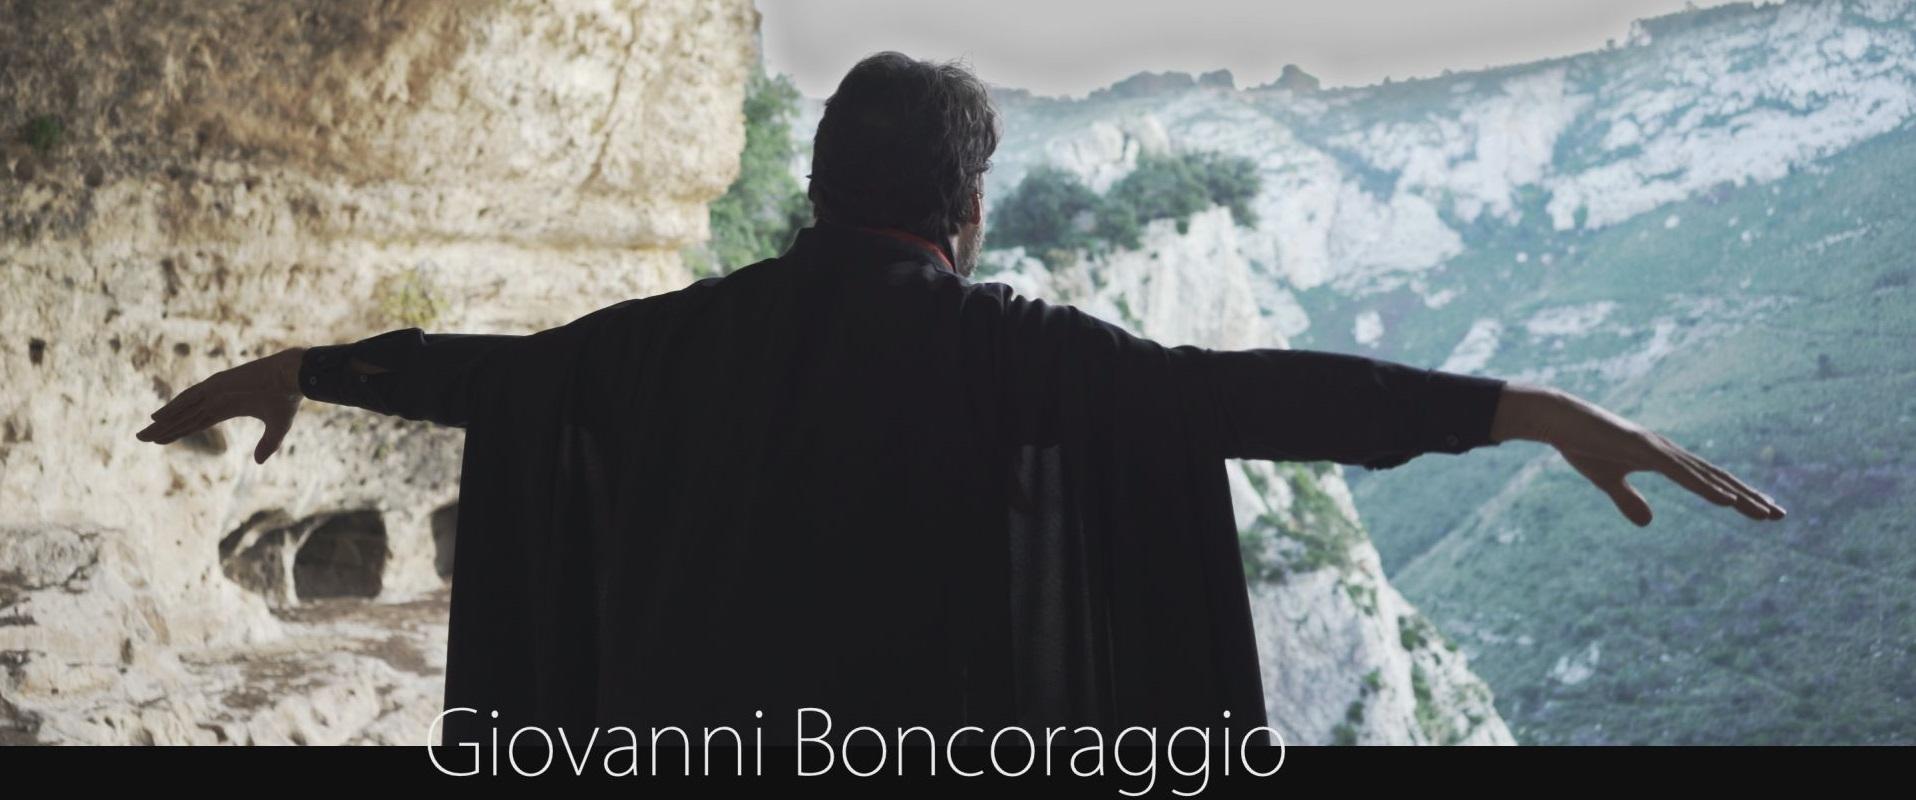 corto realizzato nella grotta dei Briganti a Cavagrande del Cassibile(SR)